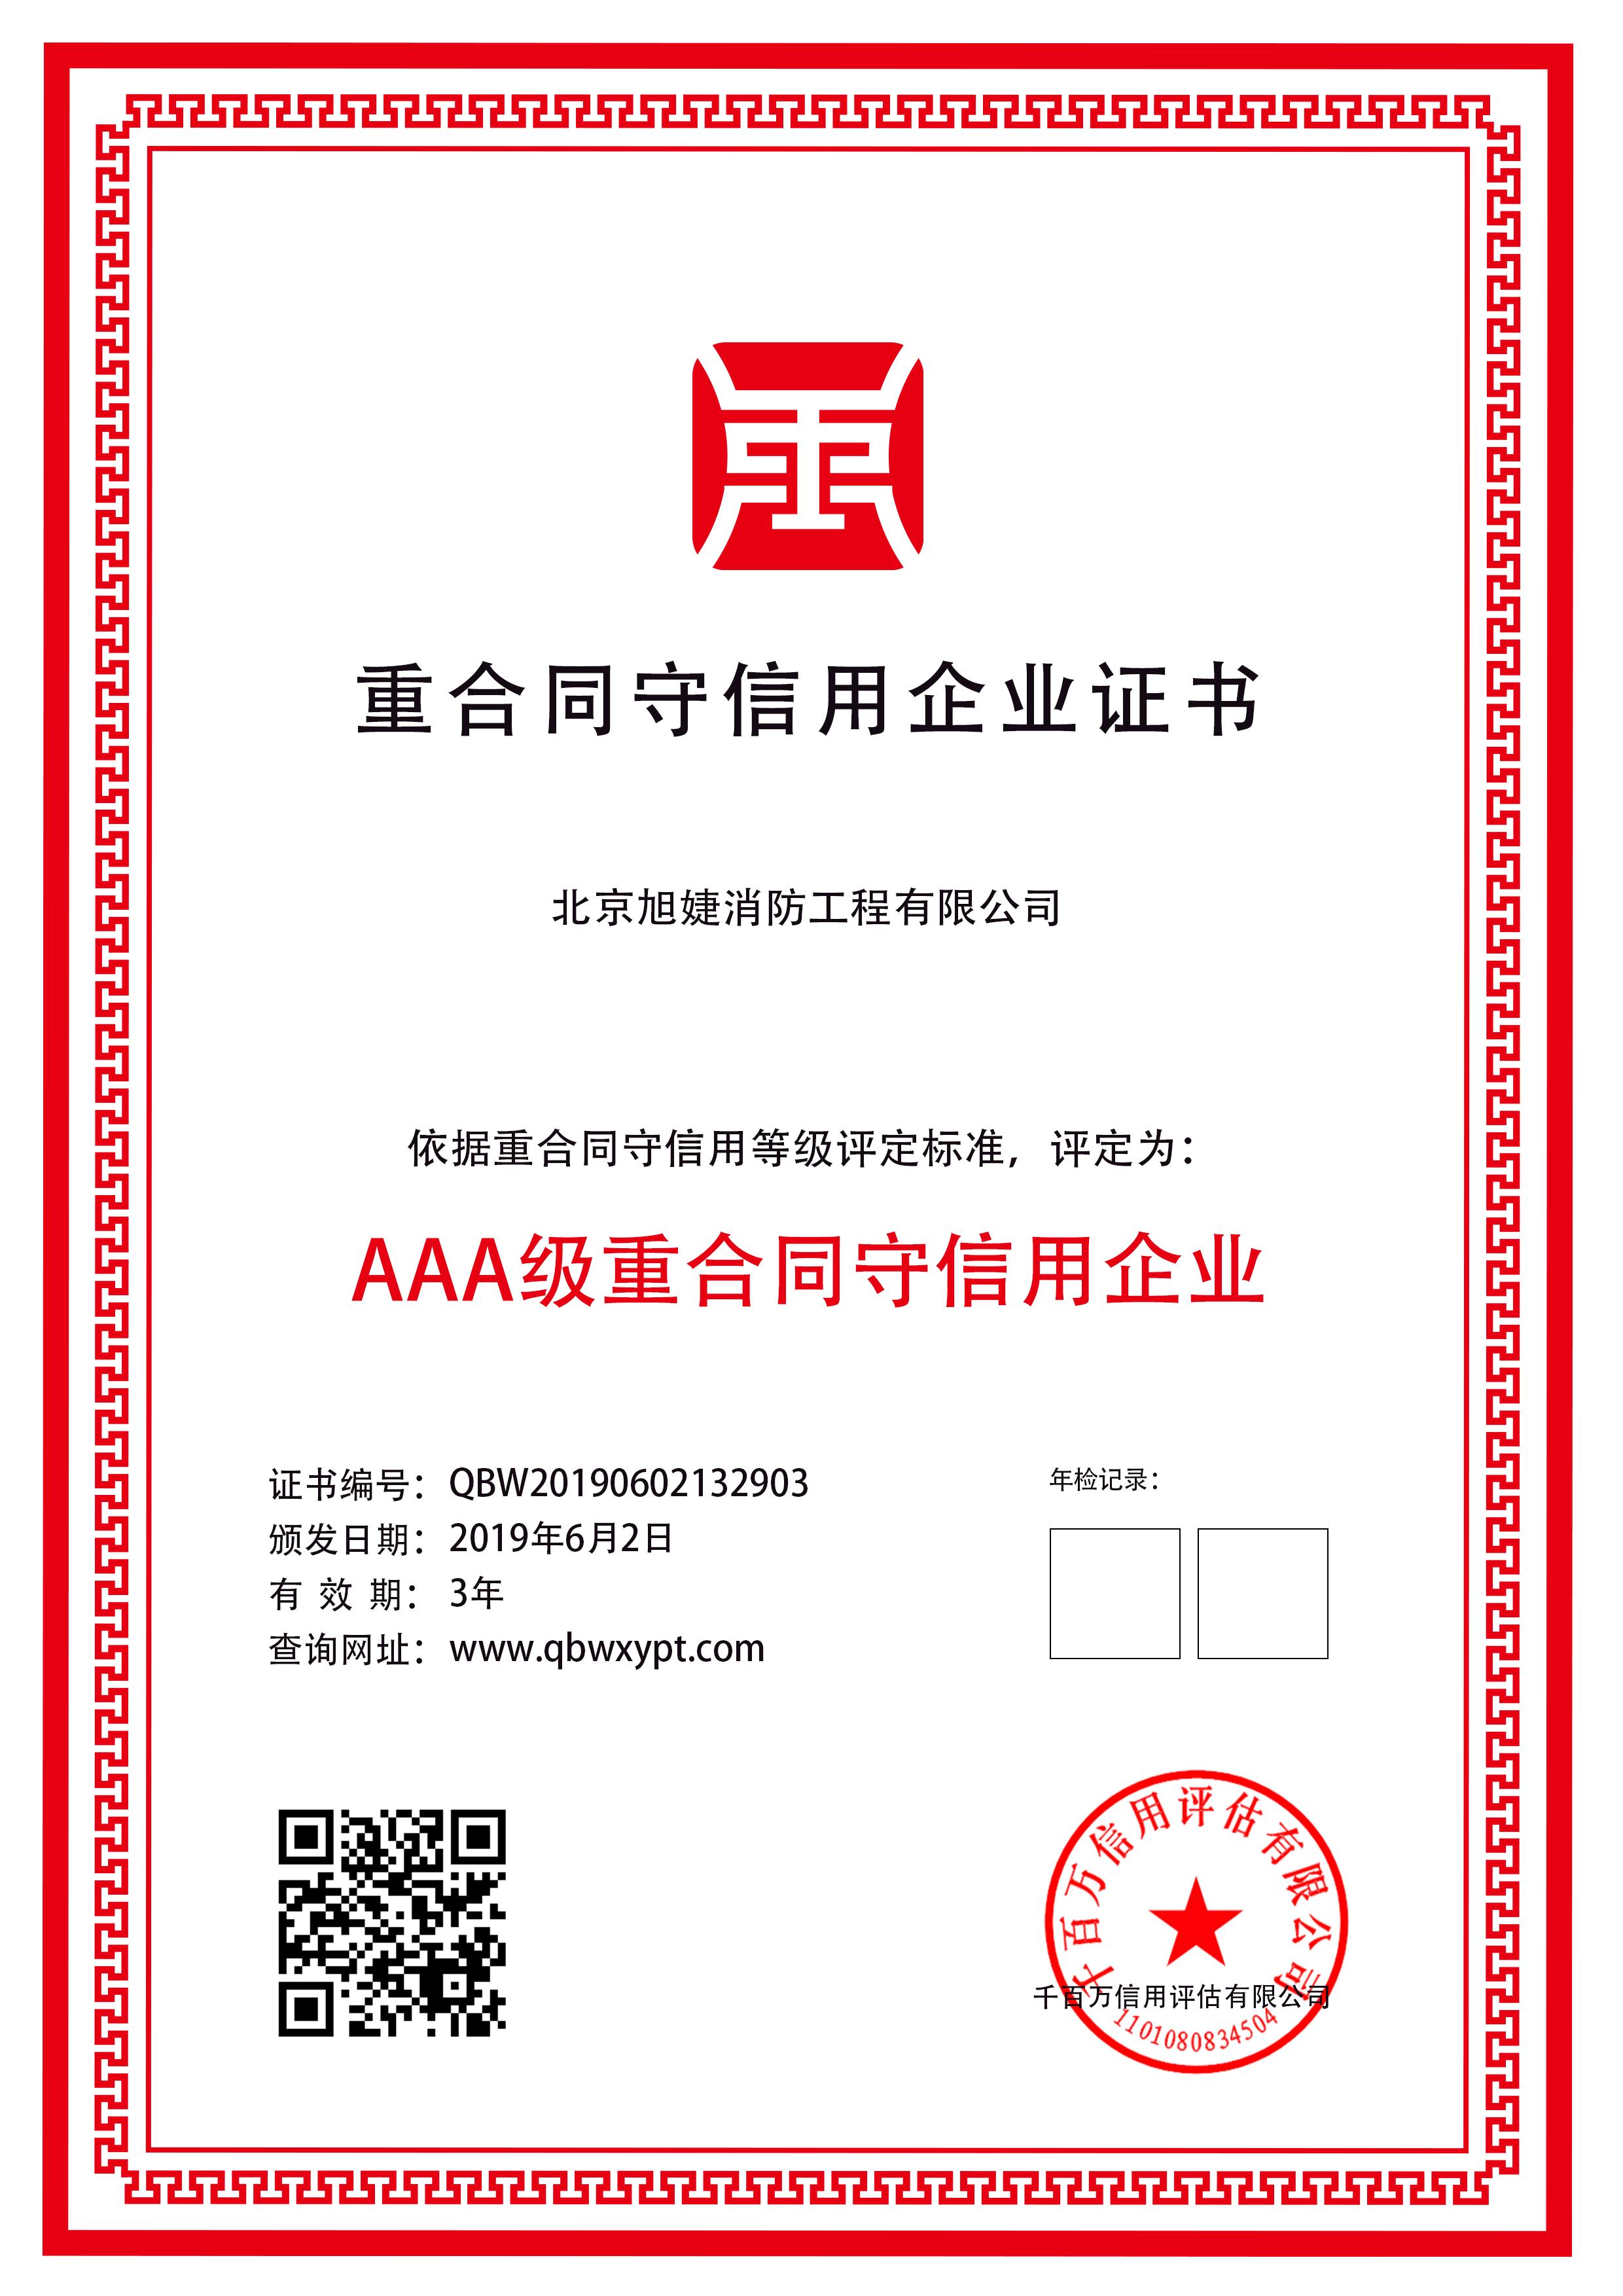 北京旭婕消防工程有限公司-重合同守信用企业证书